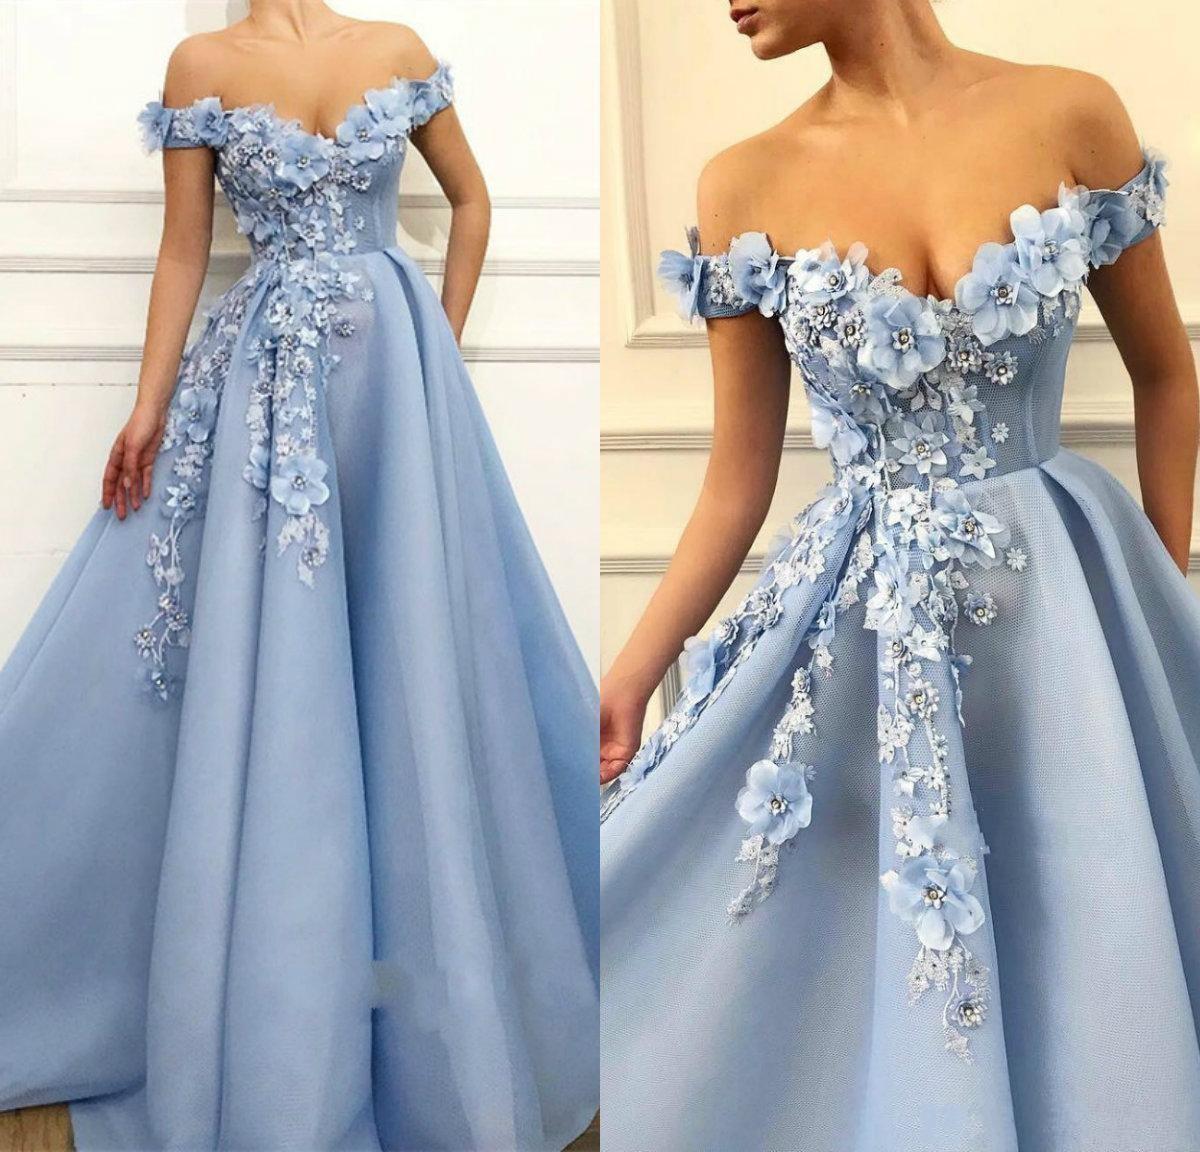 2019 elegante BLU BLU Abiti da ballo in pizzo 3D floreale perle appliqued perle abito da sera Una linea fuori dalla spalla su misura abiti occasioni speciali